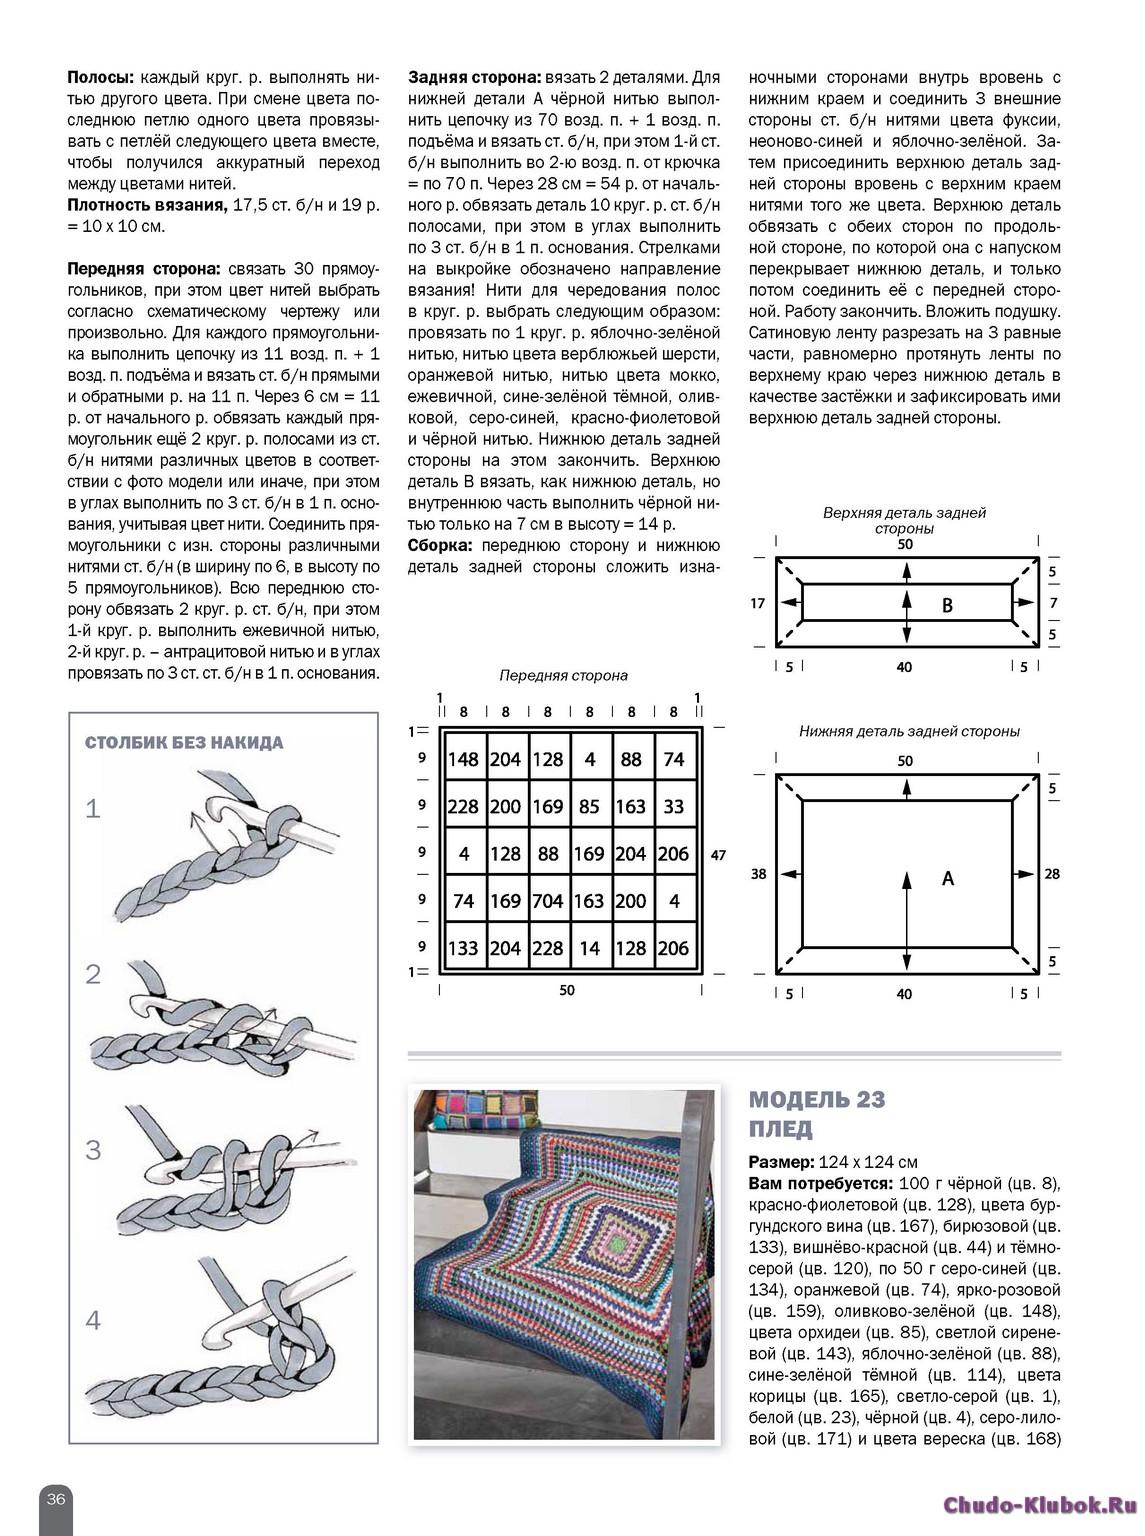 Бабушкин квадрат крючком: схема и описание 1